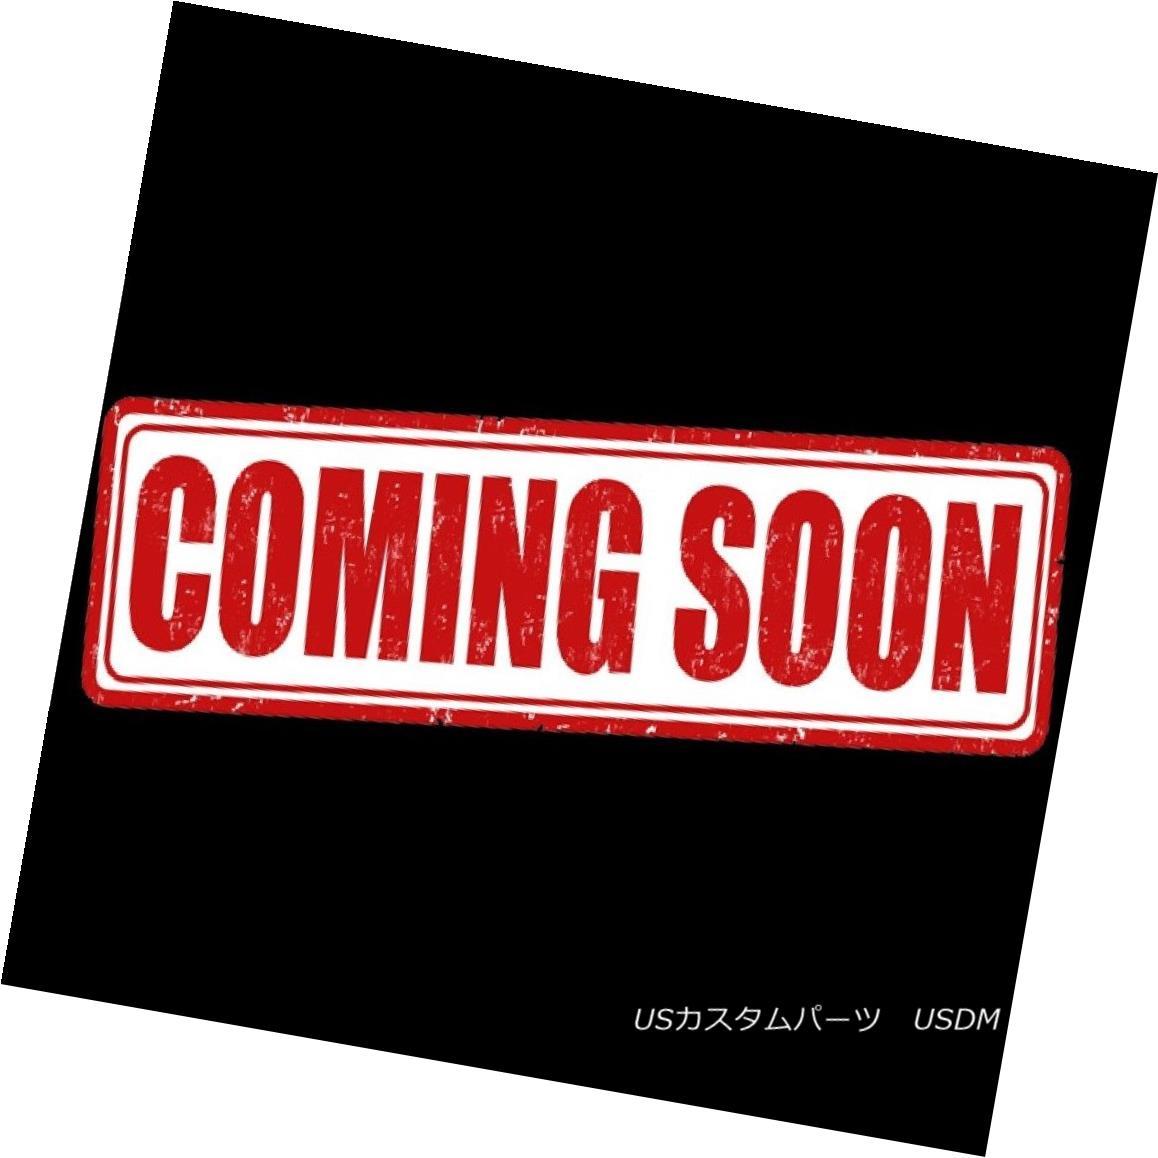 グリル Fits 2011-15 Ford Explorer - Grille Overlay (Gloss Black) - IWCGI91BLK Ford Explorer - グリルオーバーレイ(グロスブラック) - IWCGI91BLK